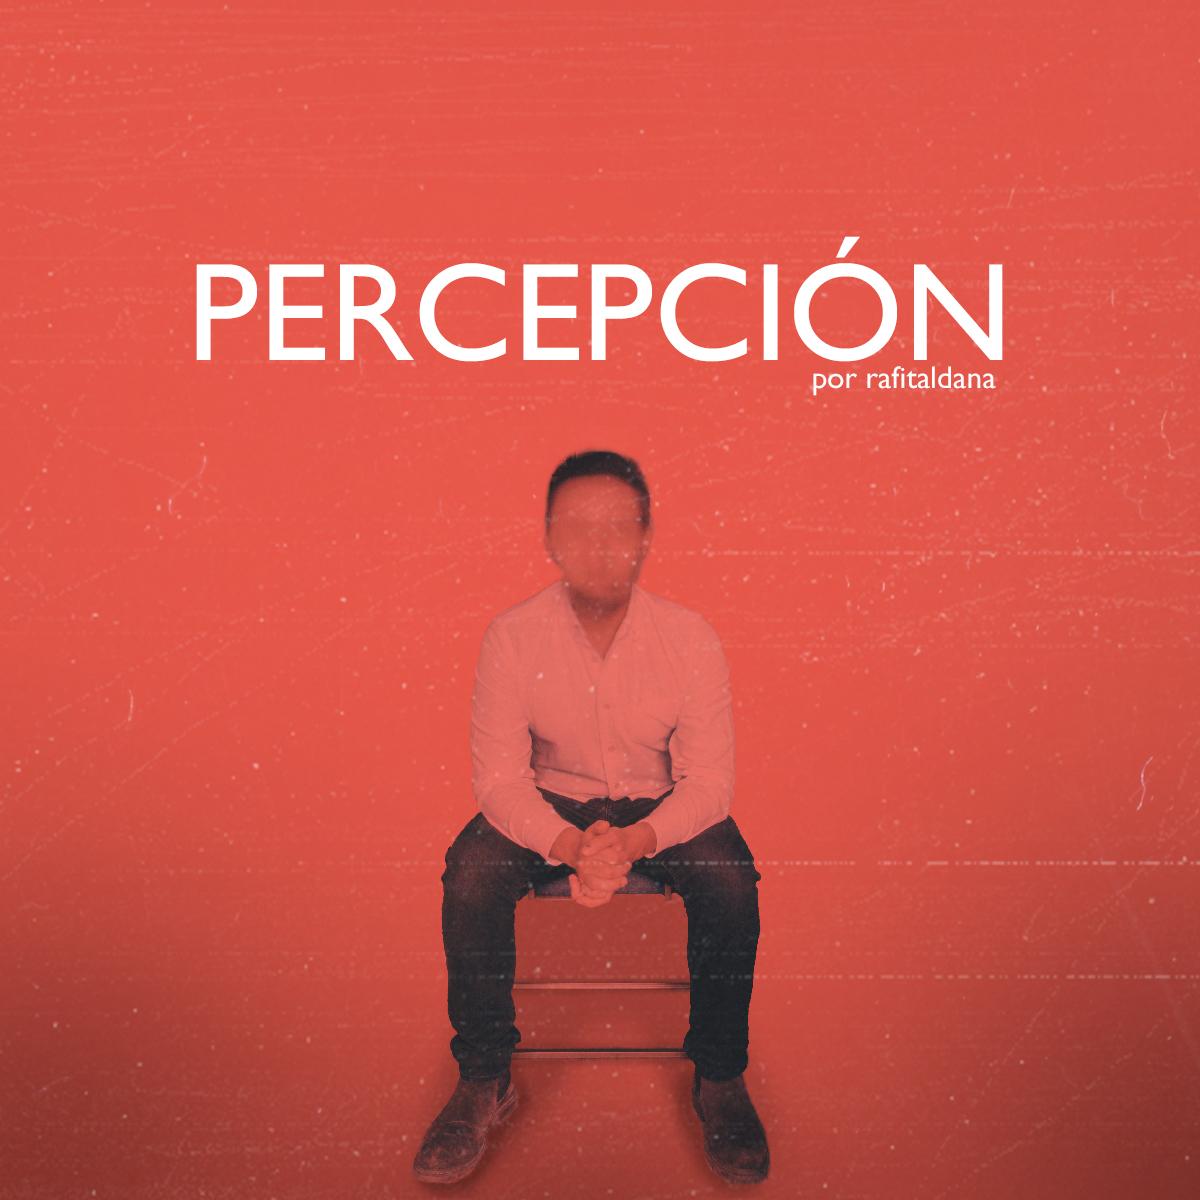 Percepción show art